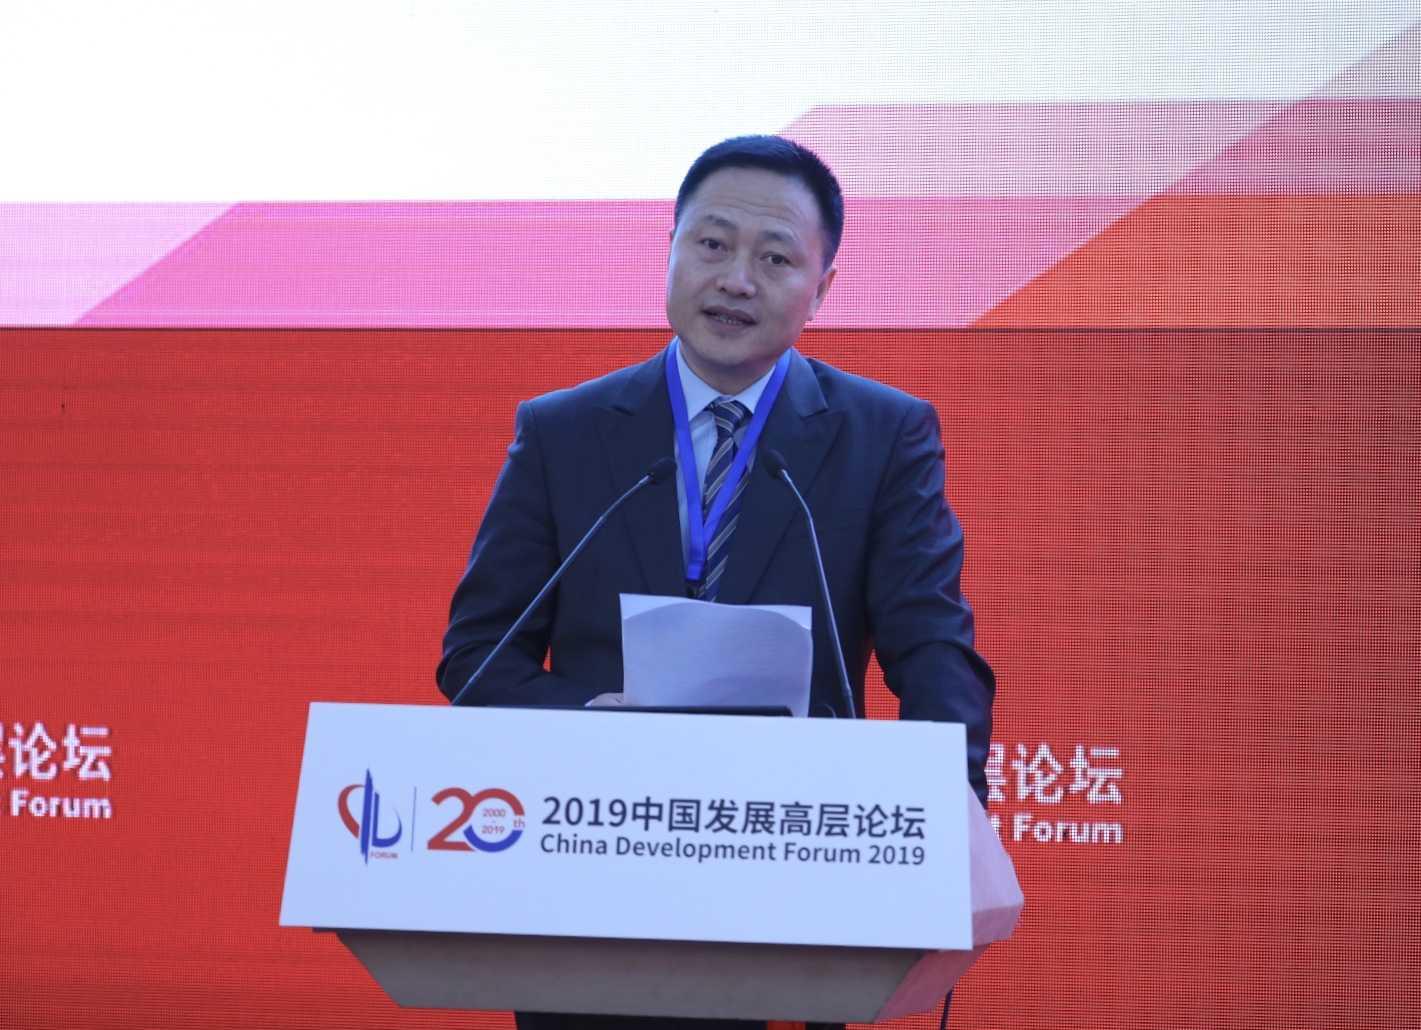 余红辉(中国节能环保集团有限公司总经理)